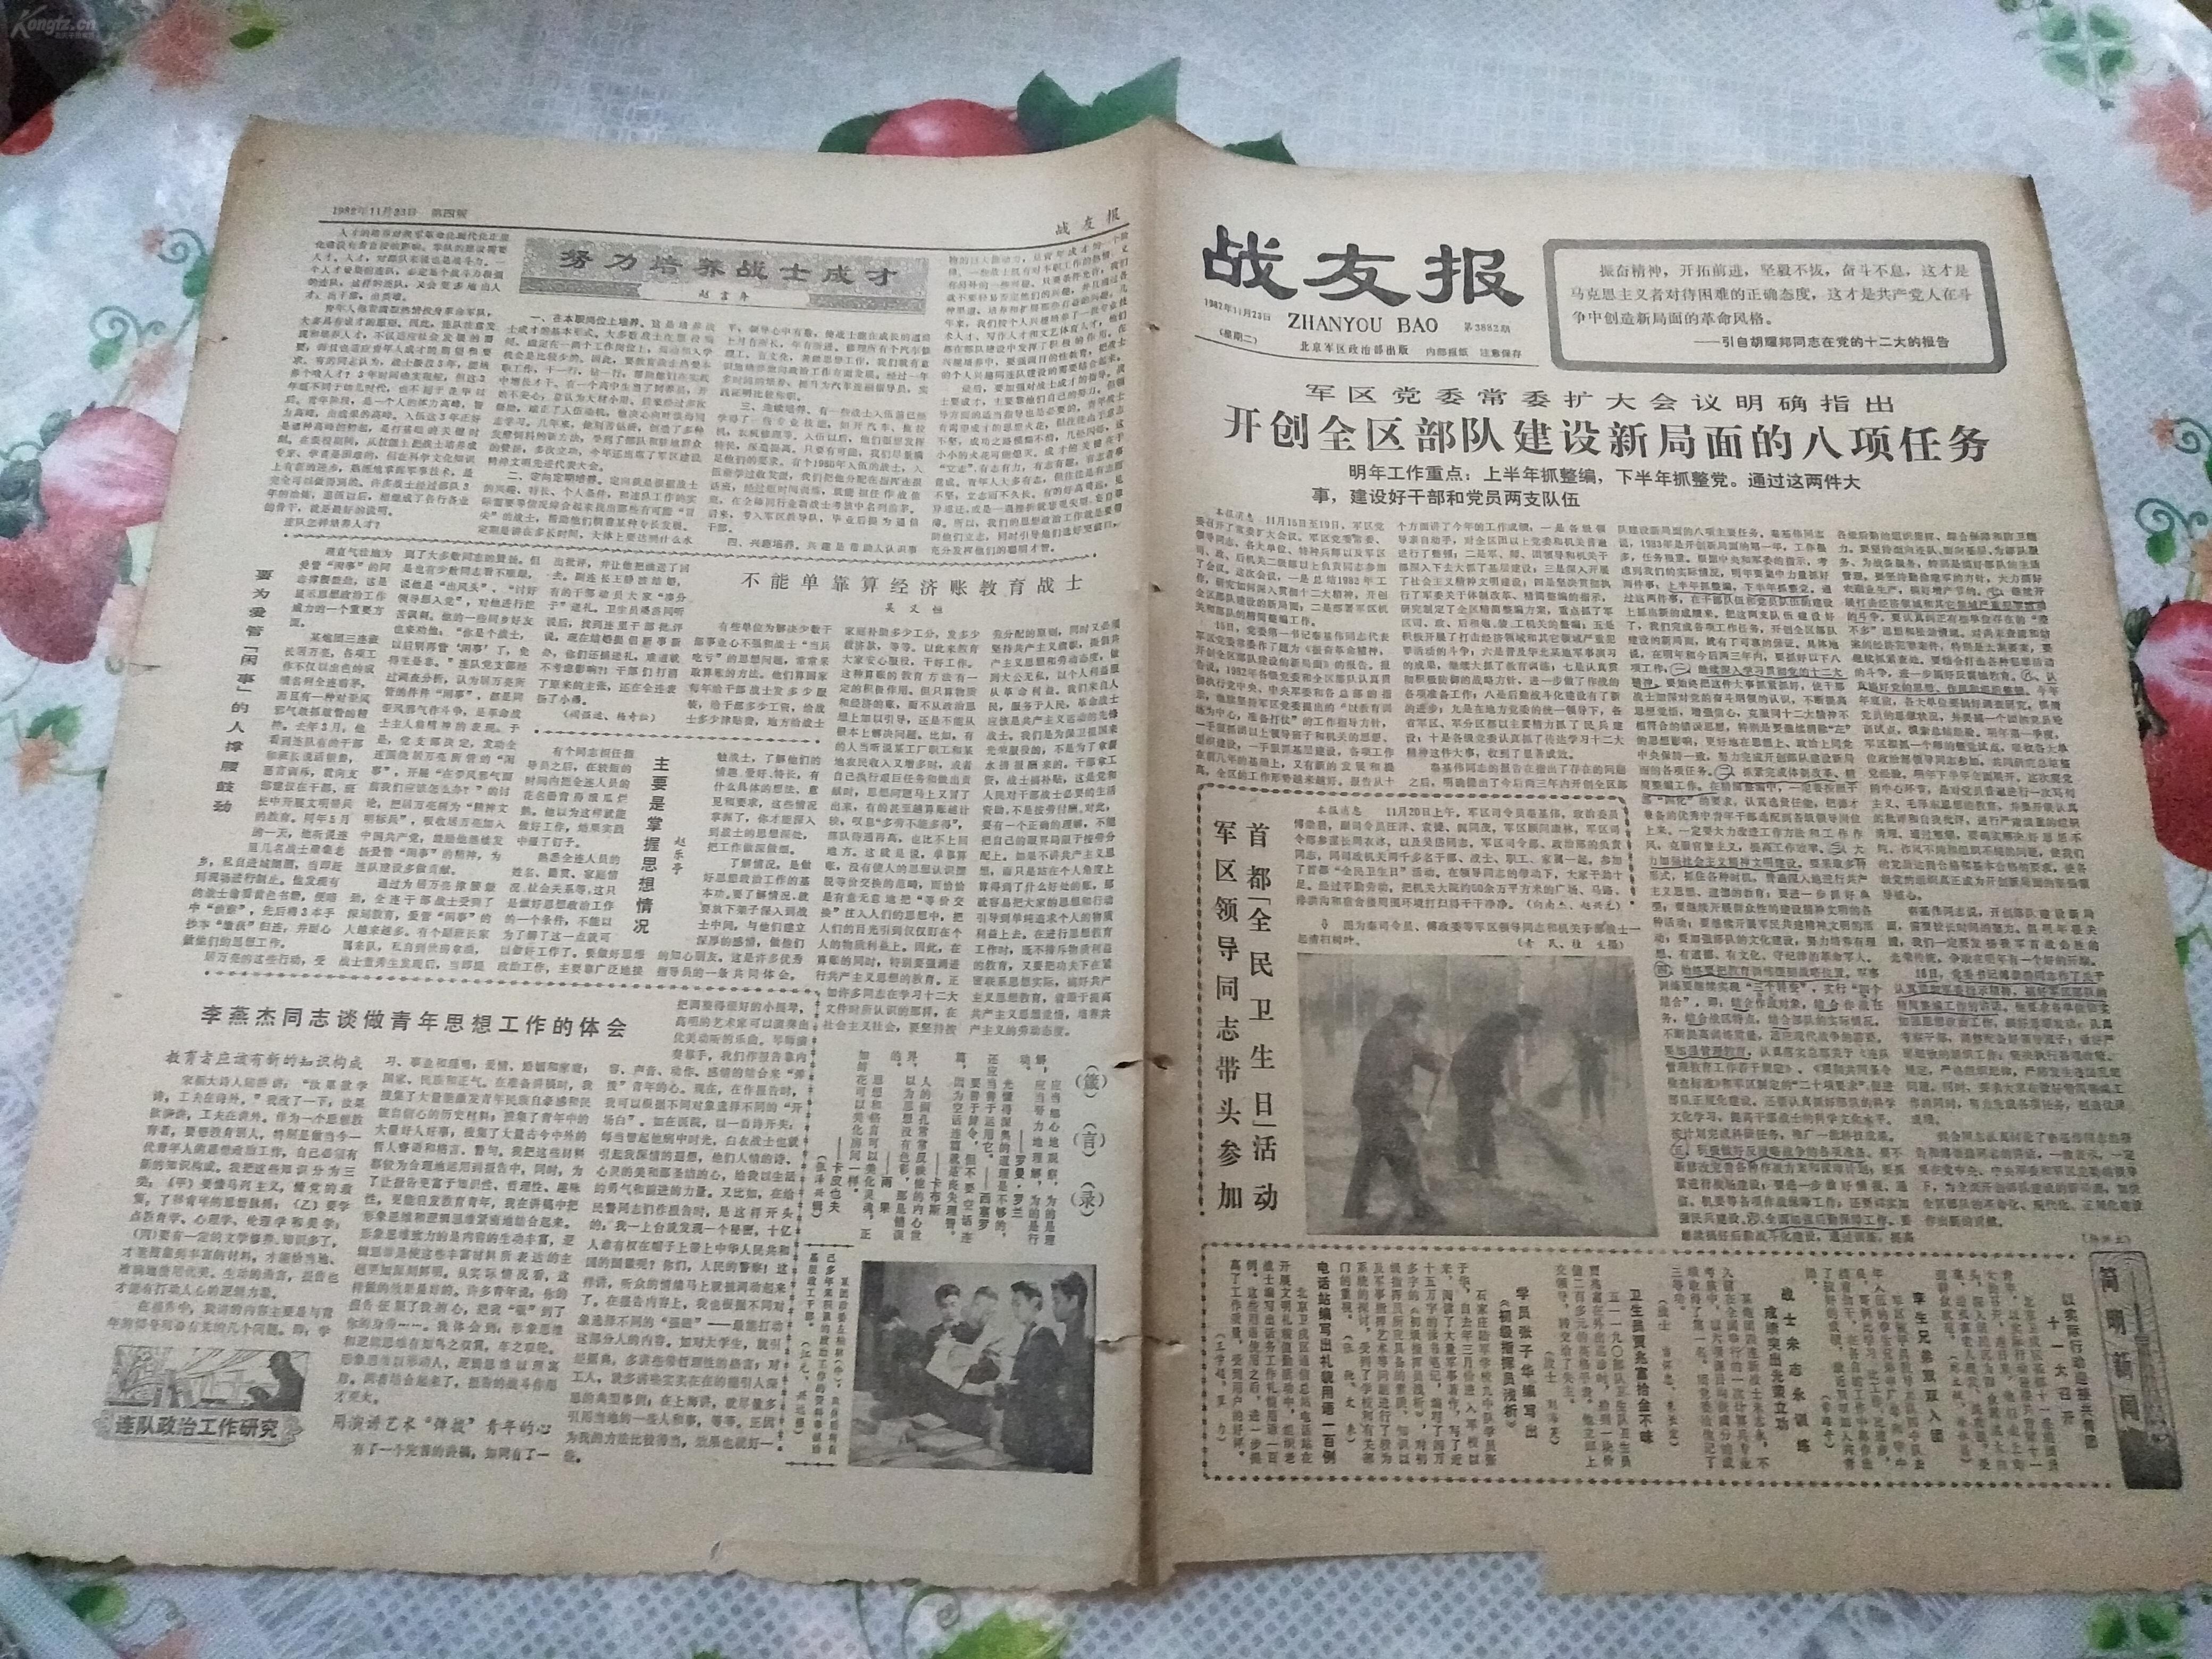 生日老报纸 1982年北京军区出版 战友报11月23日 开创图片